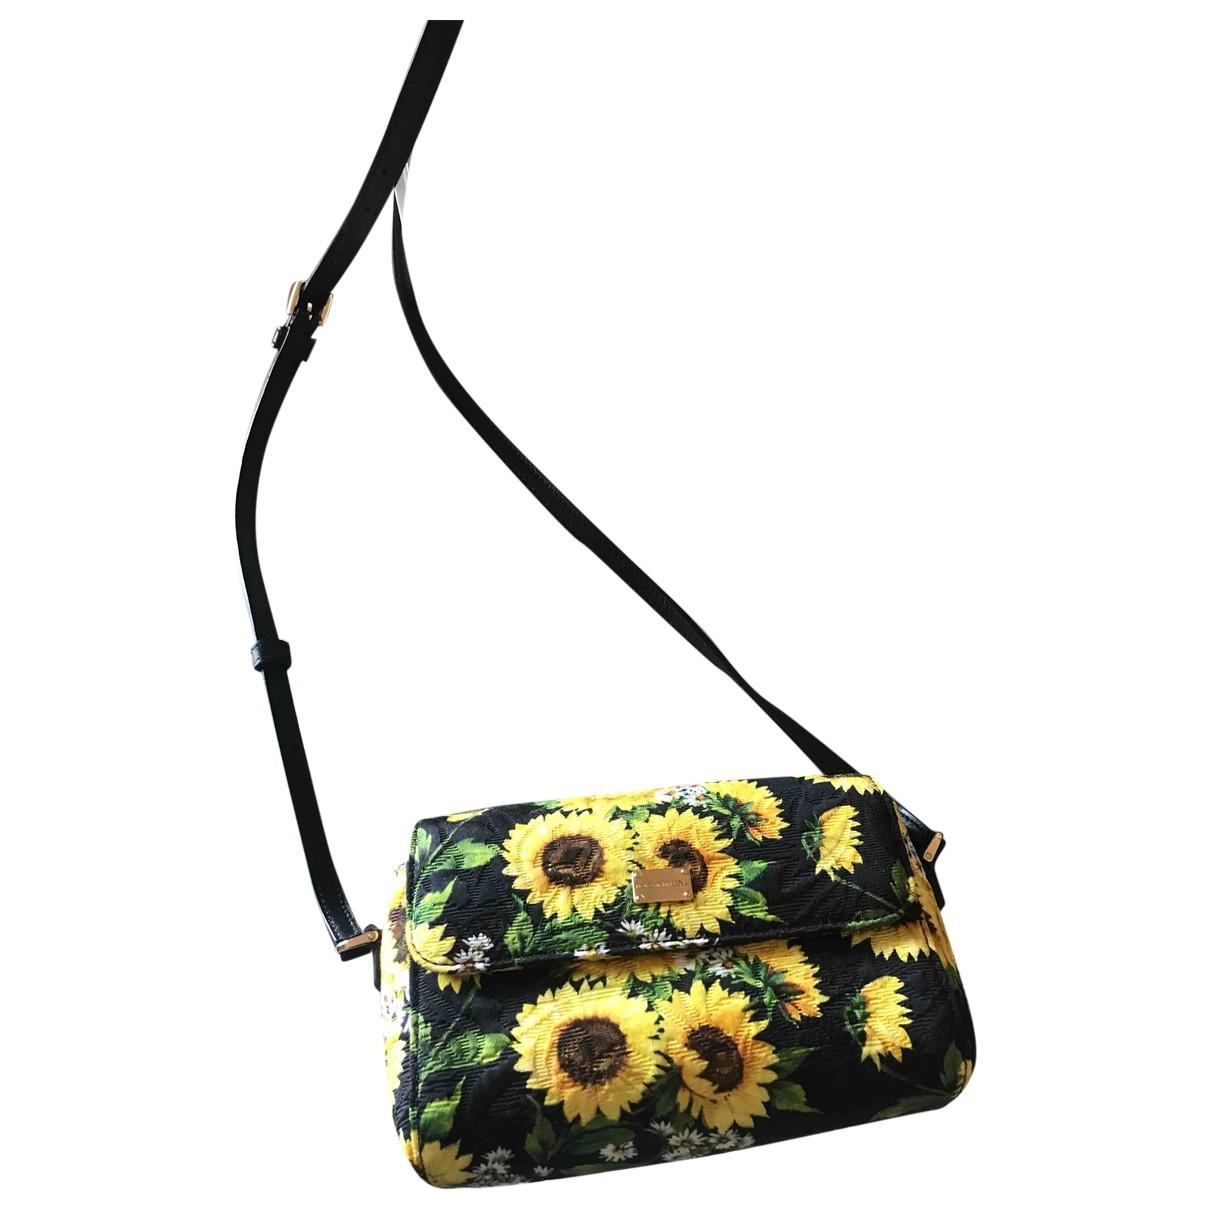 Dolce & Gabbana - Pochette   pour femme en toile - multicolore